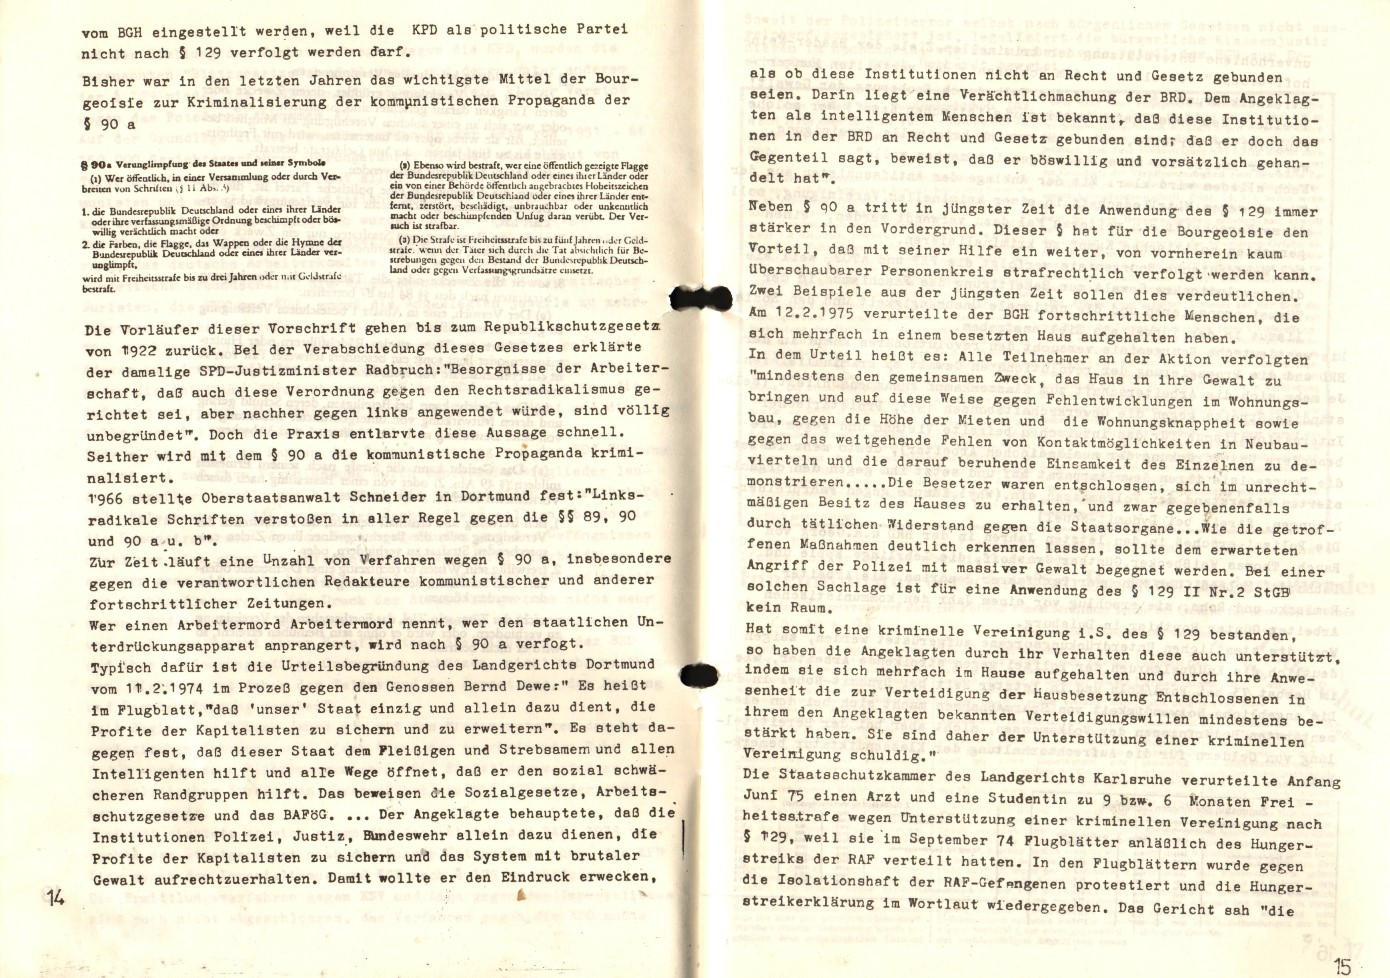 NRW_Rote_Hilfe_1975_Sofortige_Freilassung_der_tuerkischen_Patrioten_09